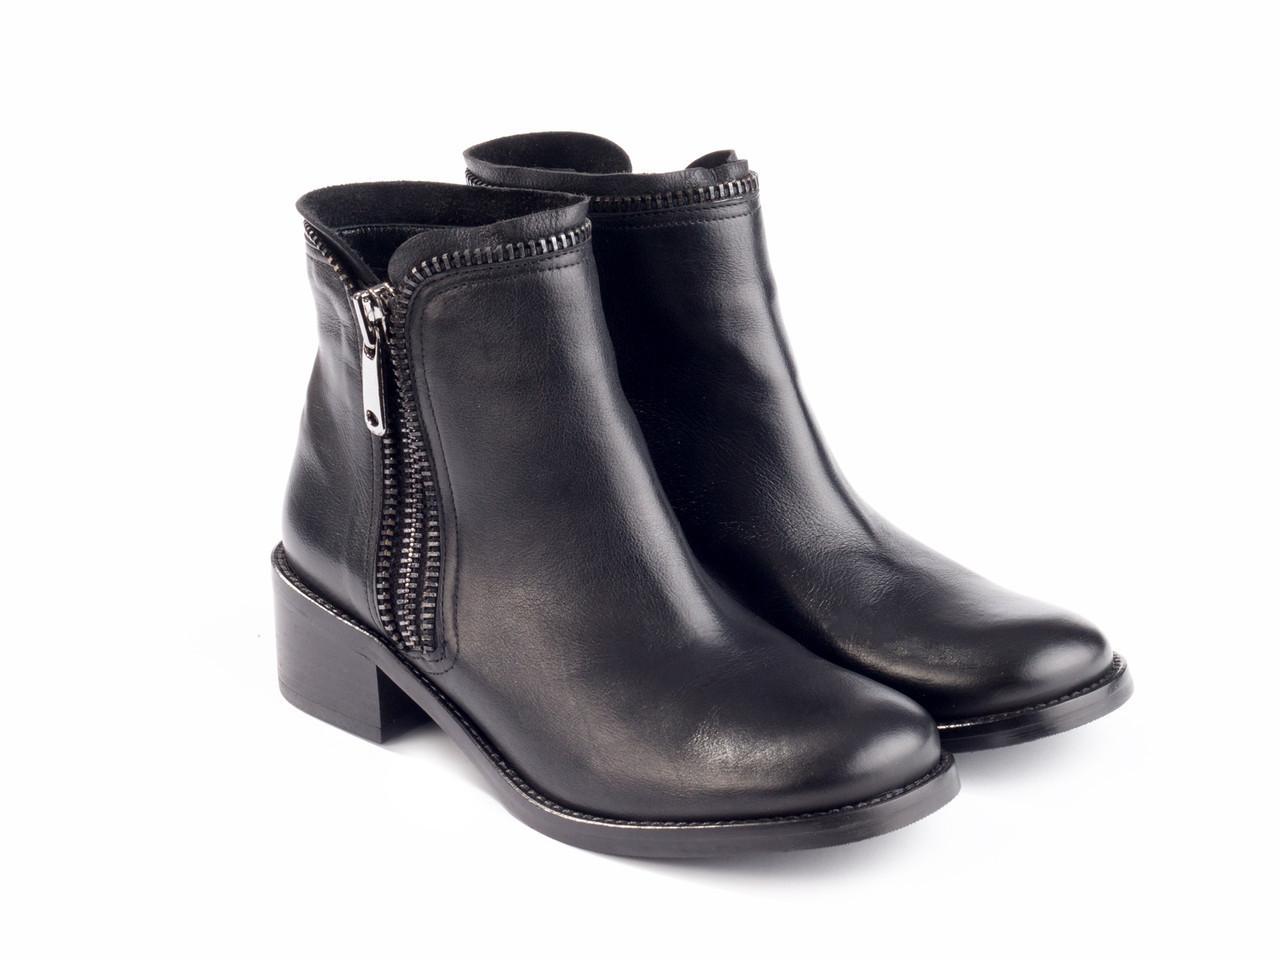 Ботинки Etor 5843-8272 37 черные